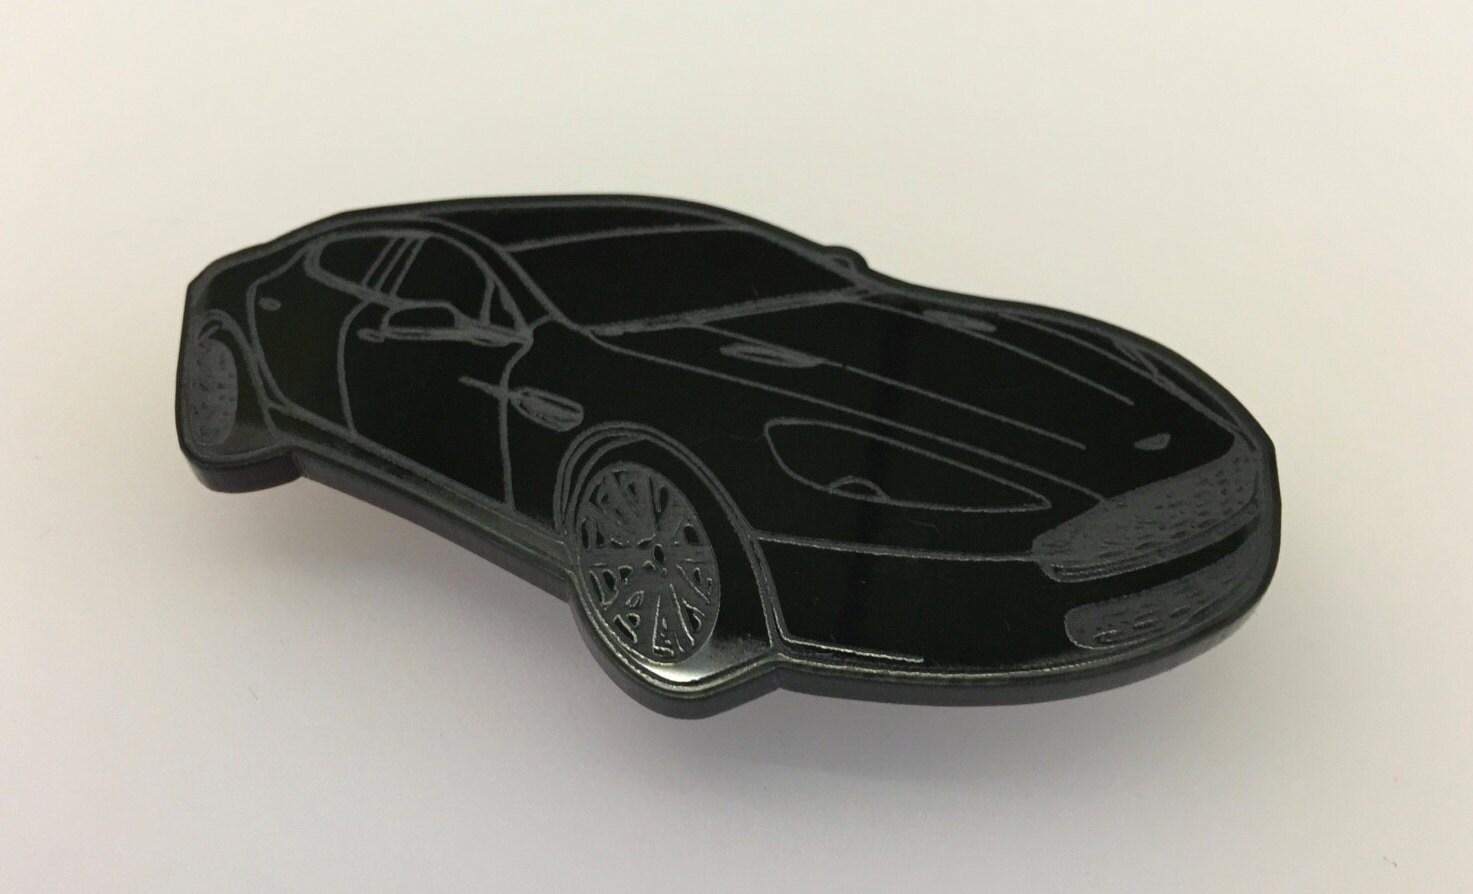 Aston Martin Kühlschrank Magnet James Bond 007 Autofan